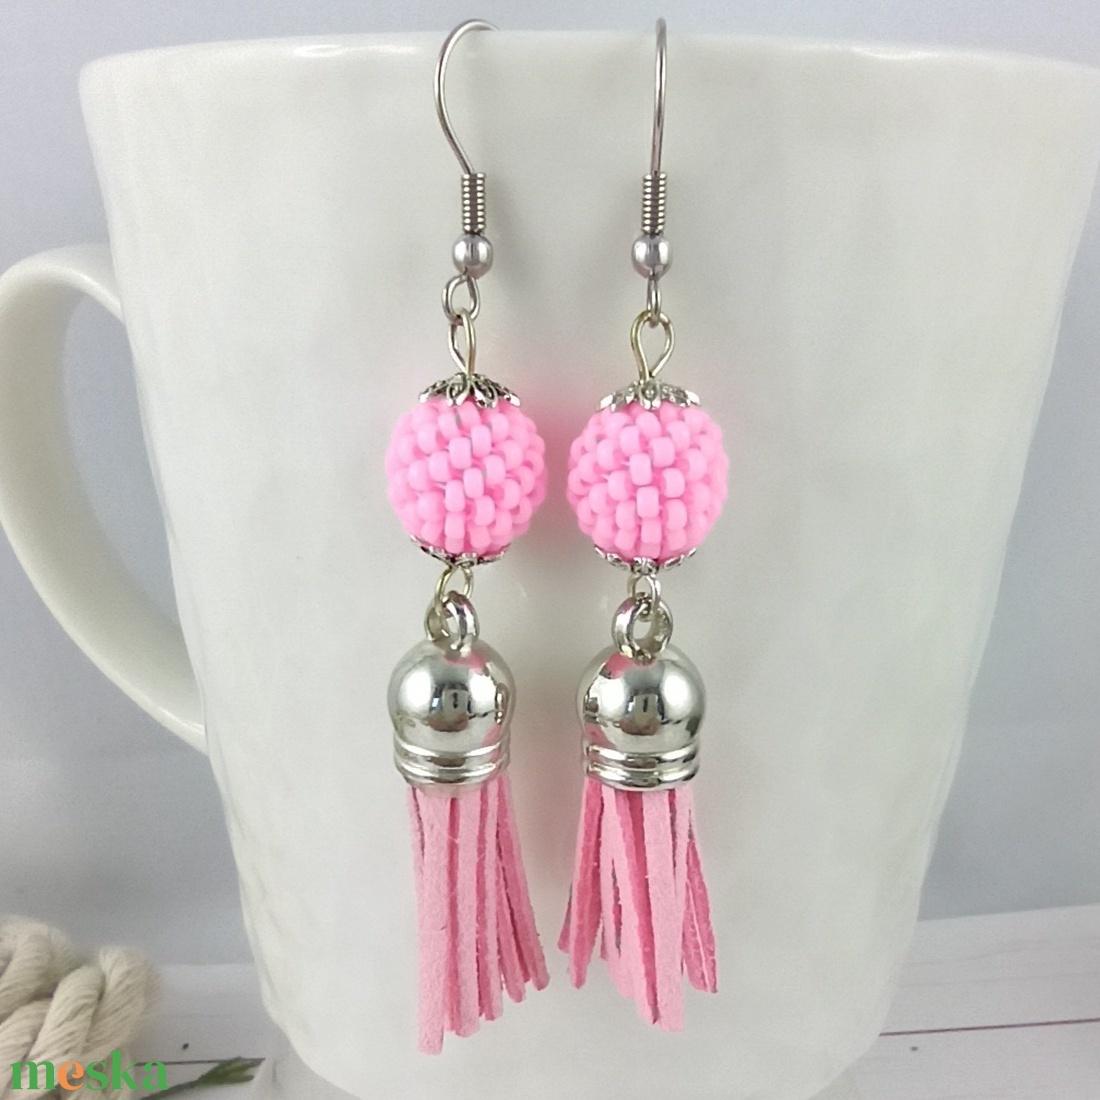 Bojtos fülbevaló antiallergén gyöngyös baby pink acél fülbevaló tavaszi nyári ajándék nőnek lánynak esküvőre hétköznapi - ékszer - fülbevaló - rojtos fülbevaló - Meska.hu